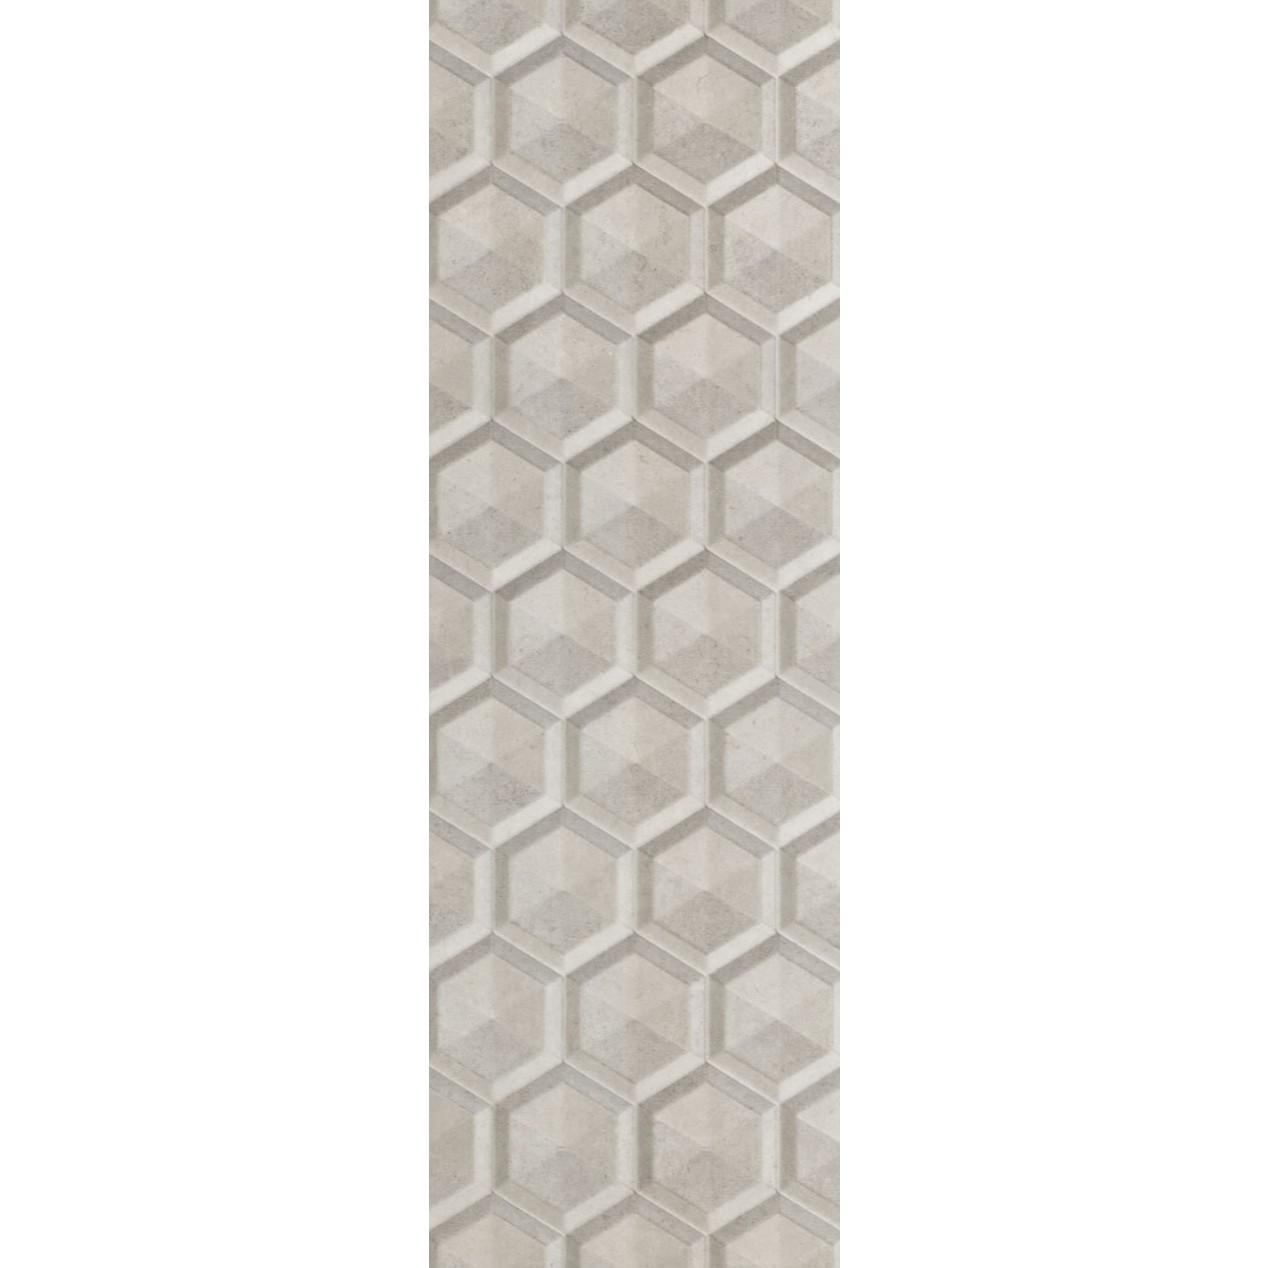 Revestimento Tipo A 30x90 cm Brilhante Colmeia Cimento 162m - Eliane